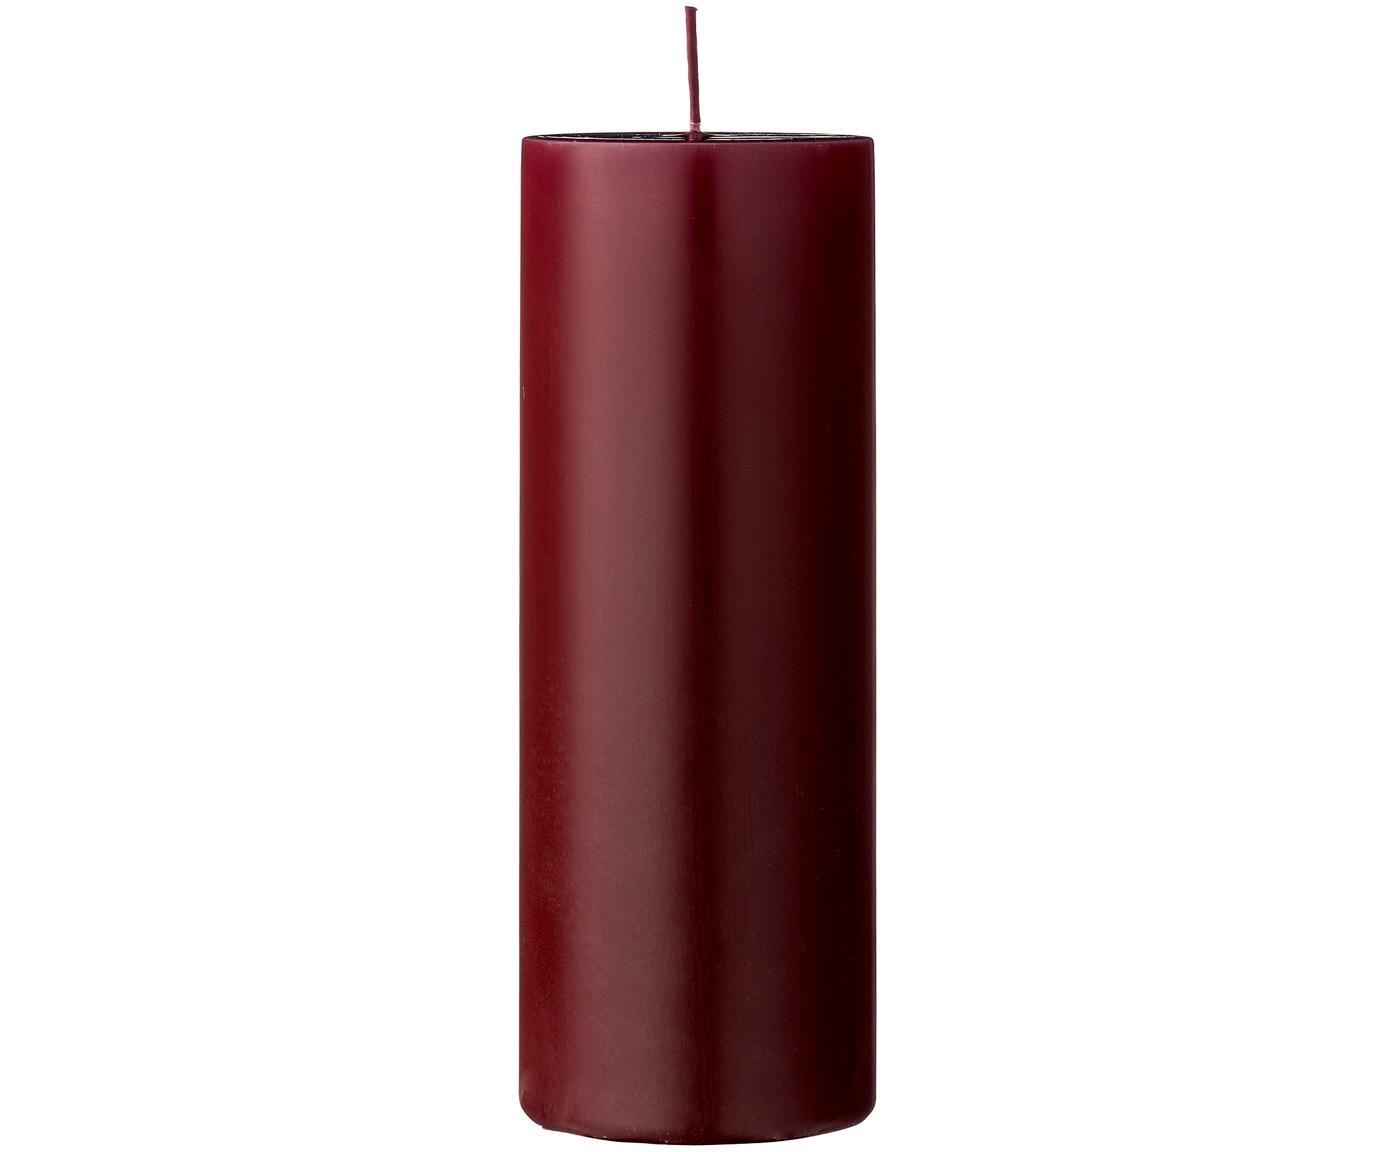 Stompkaars Lulu, Was, Rood, Ø 7 cm